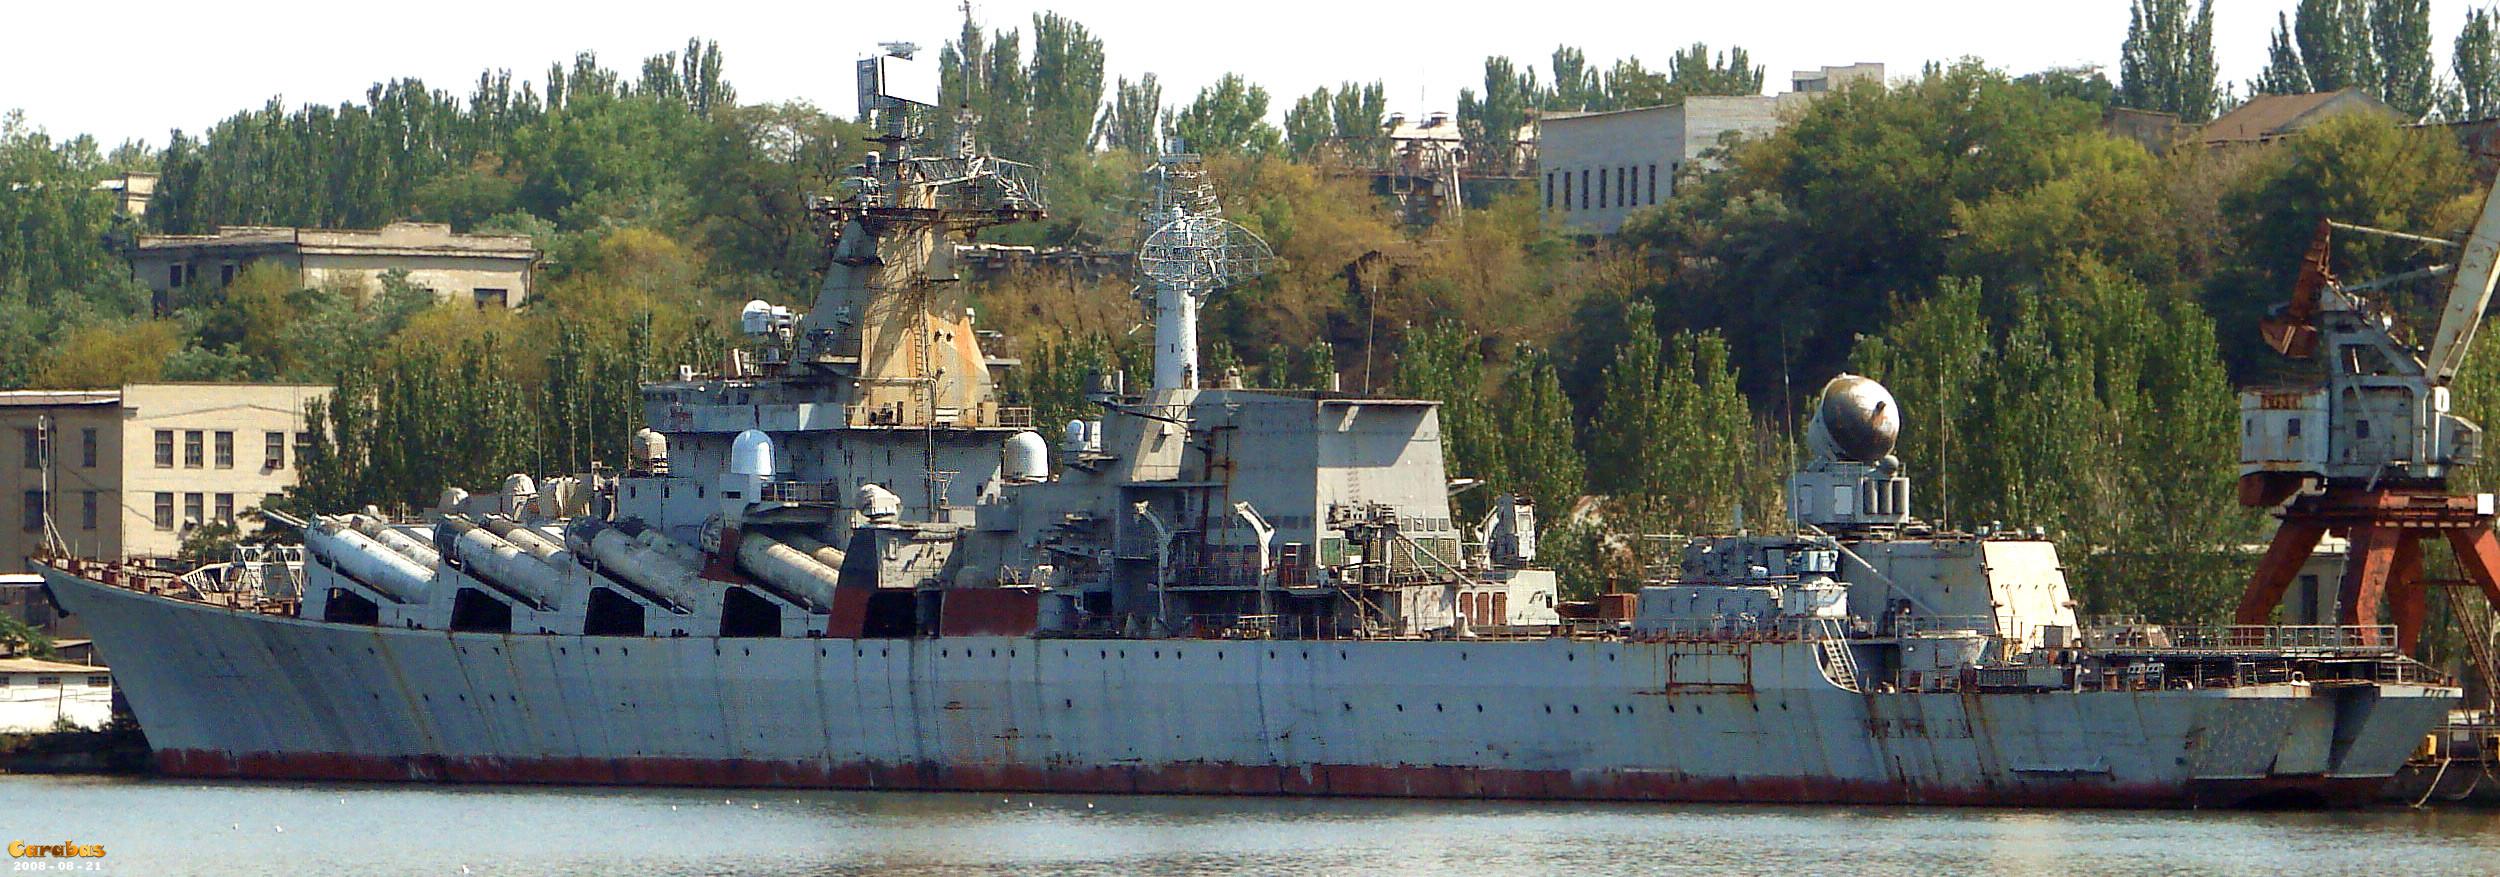 СБУ обвинила российские спецслужбы в попытке взорвать крейсер «Украина»